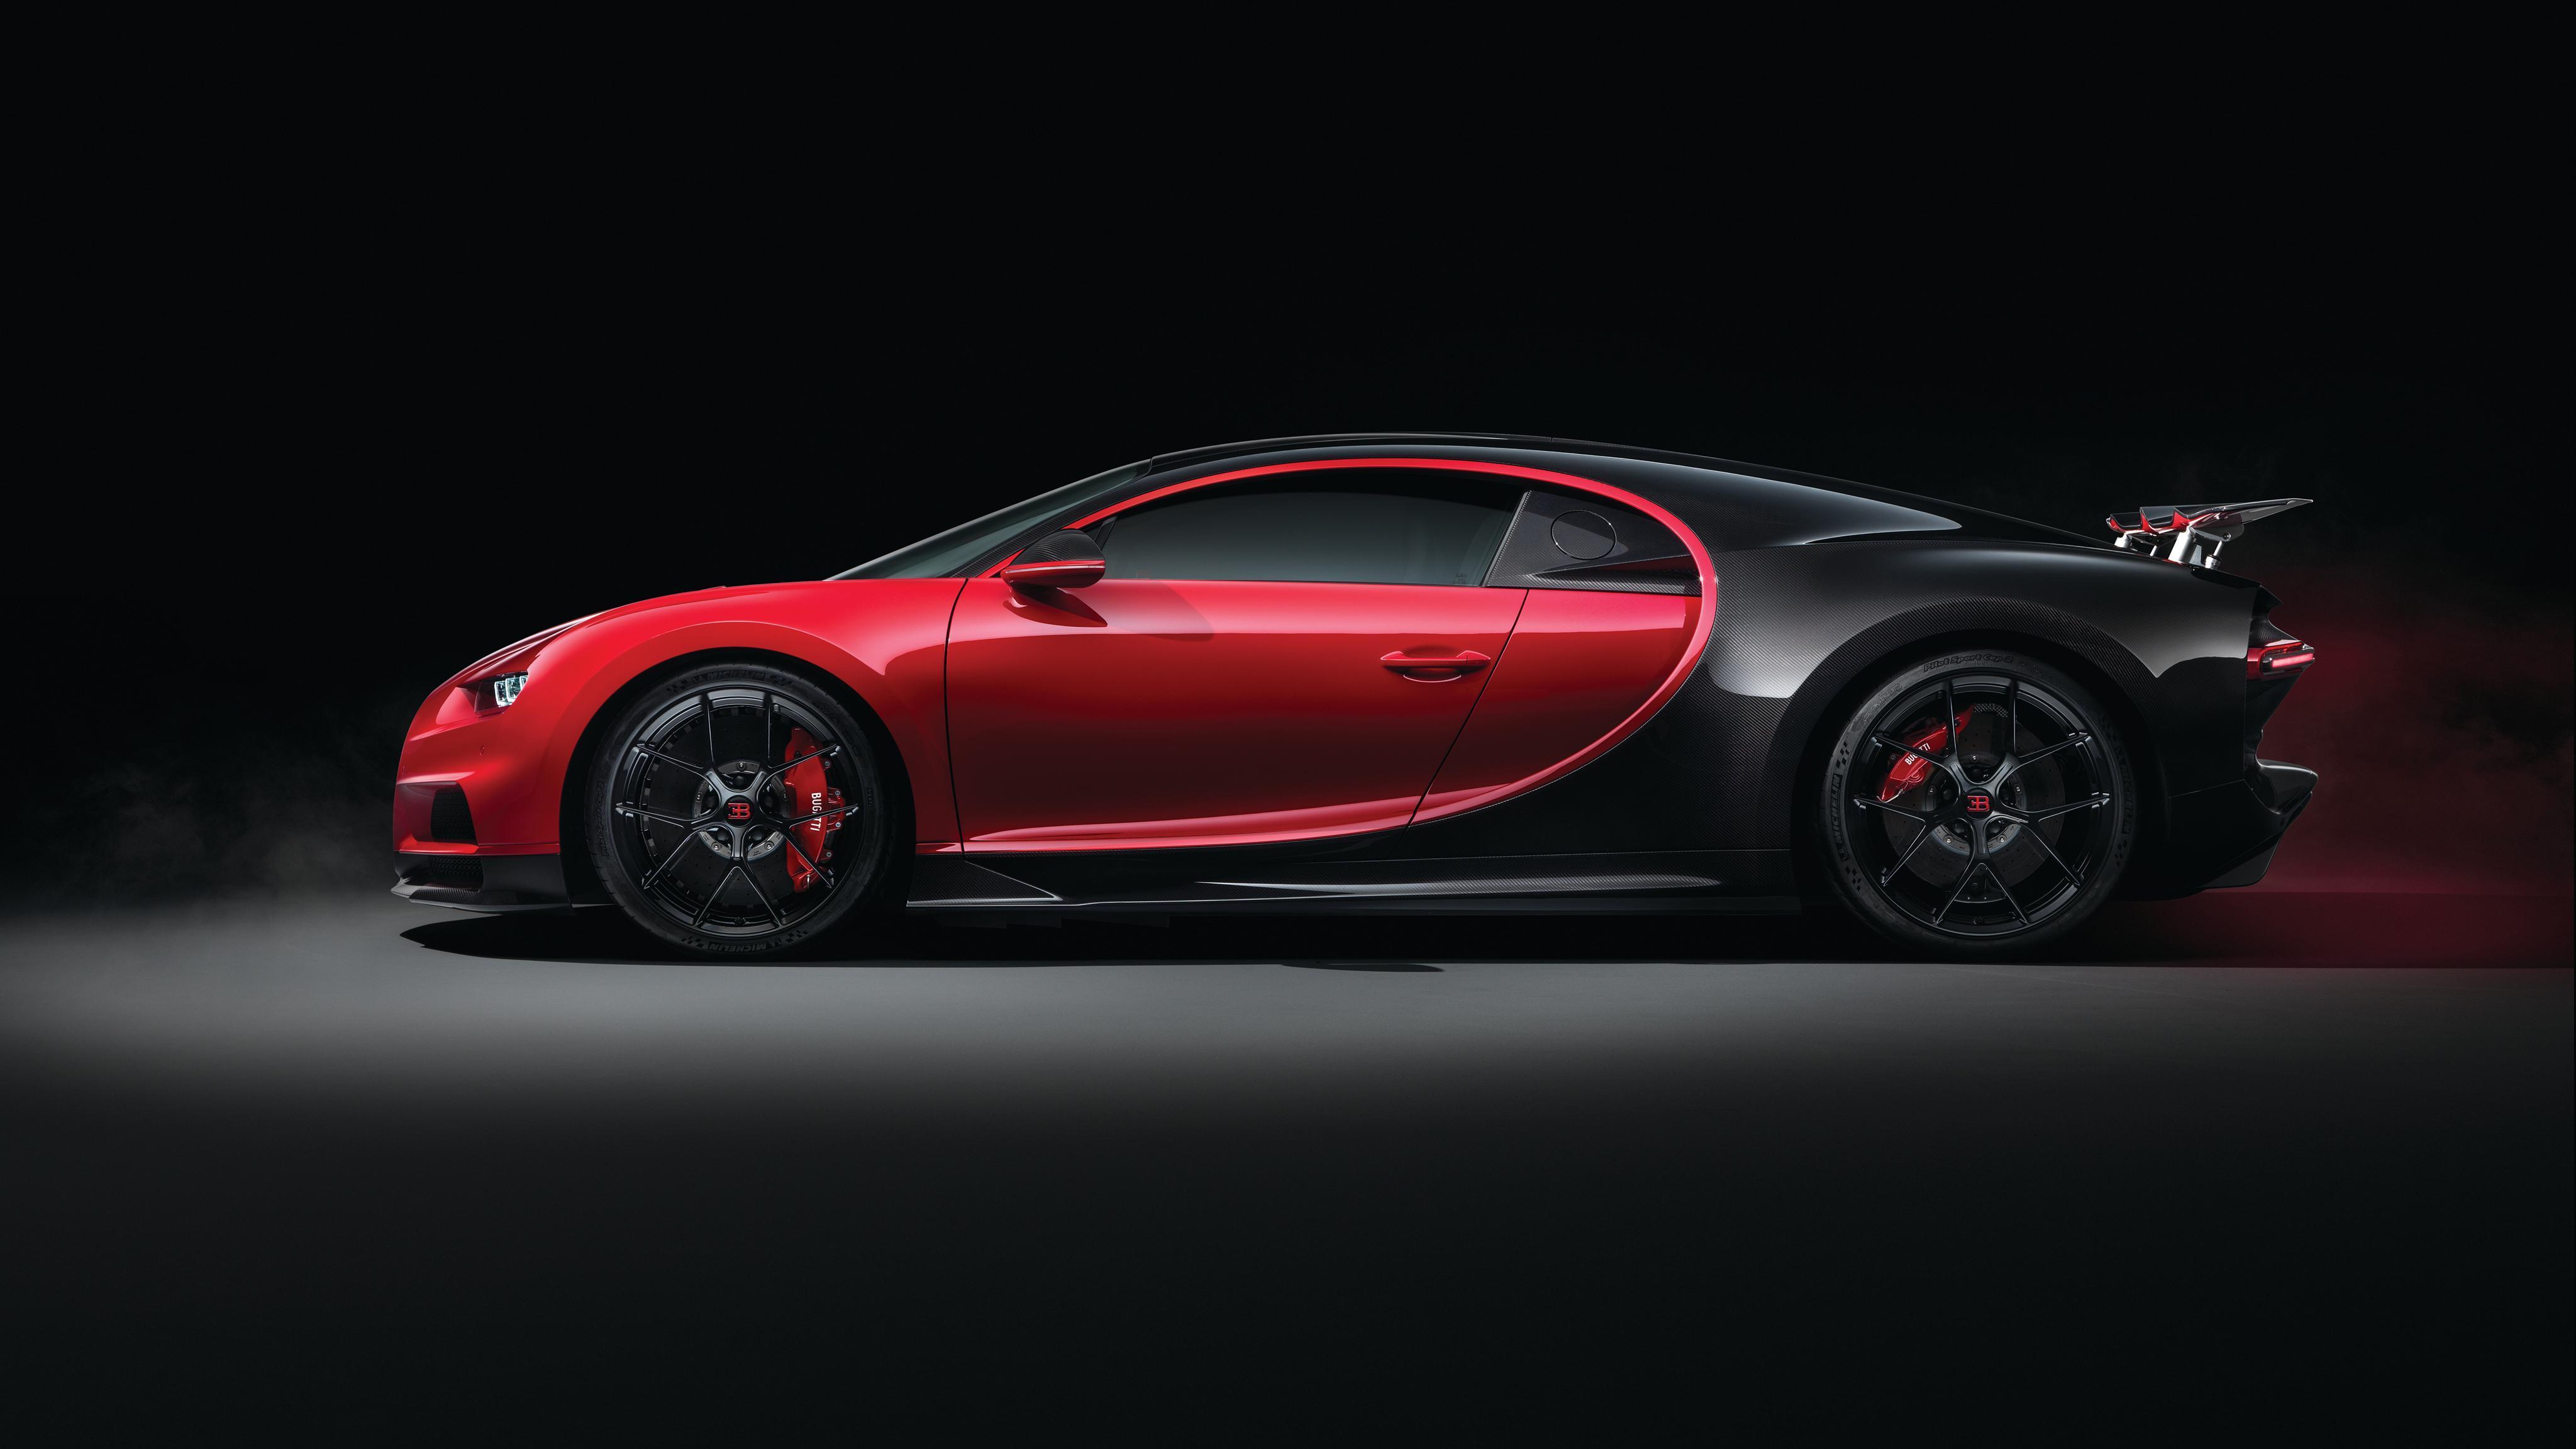 Bugatti Chiron Super Sport Wallpapers - Wallpaper Cave